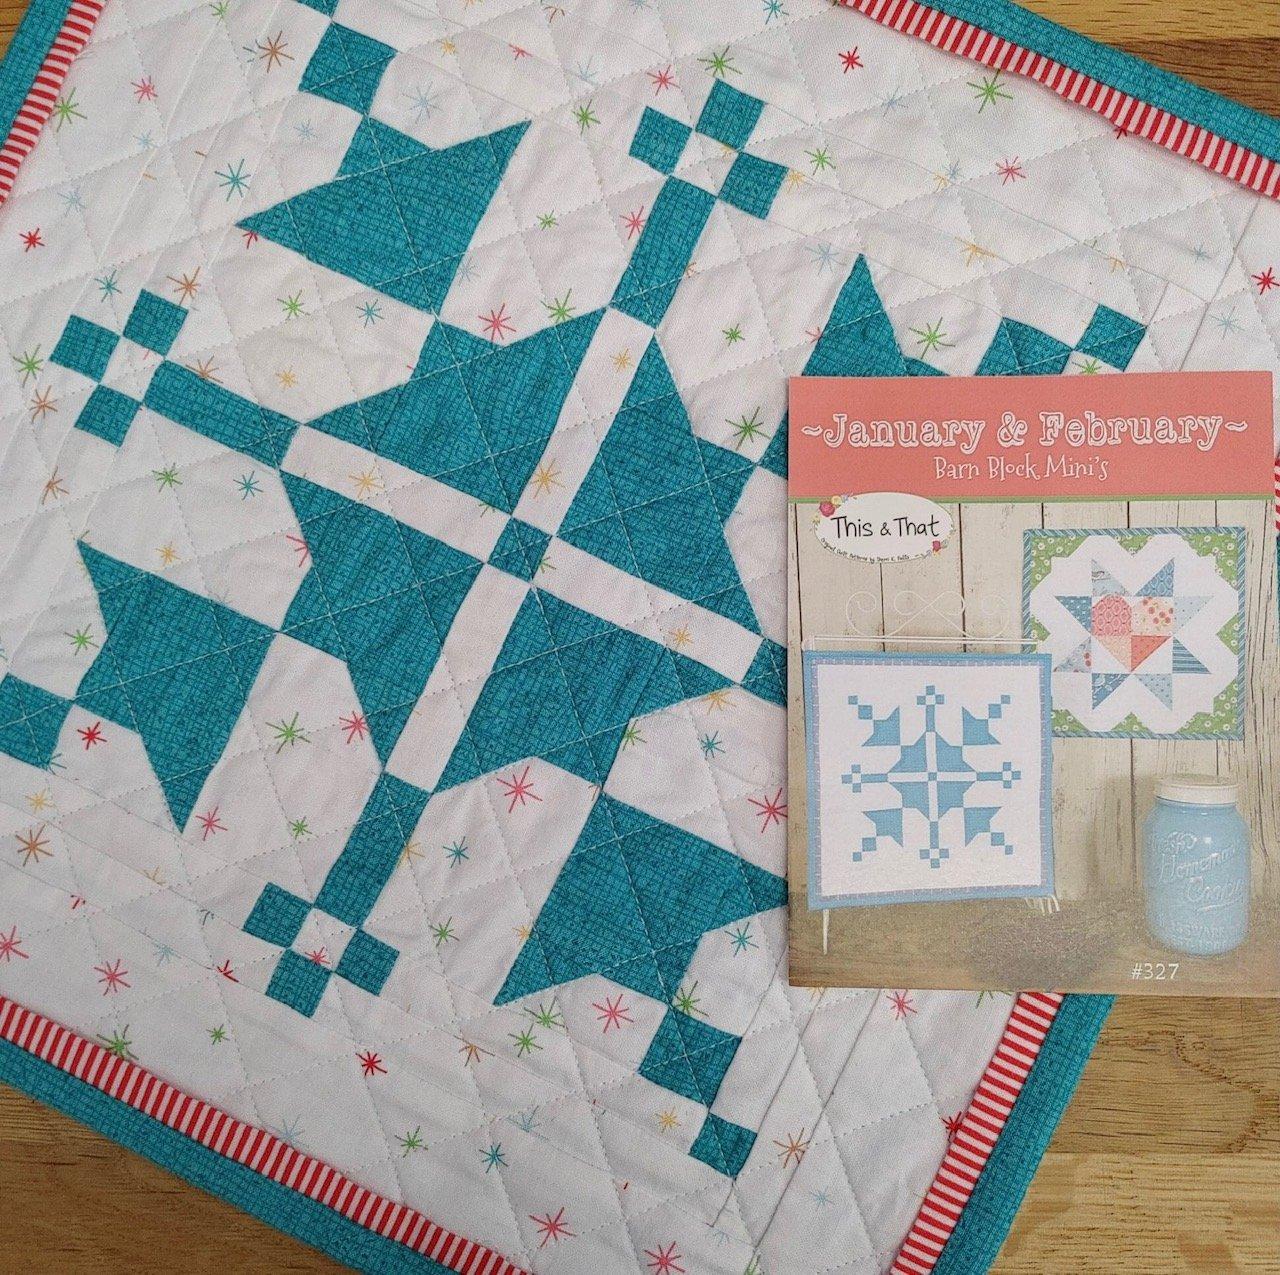 Barn Block Mini January Kit